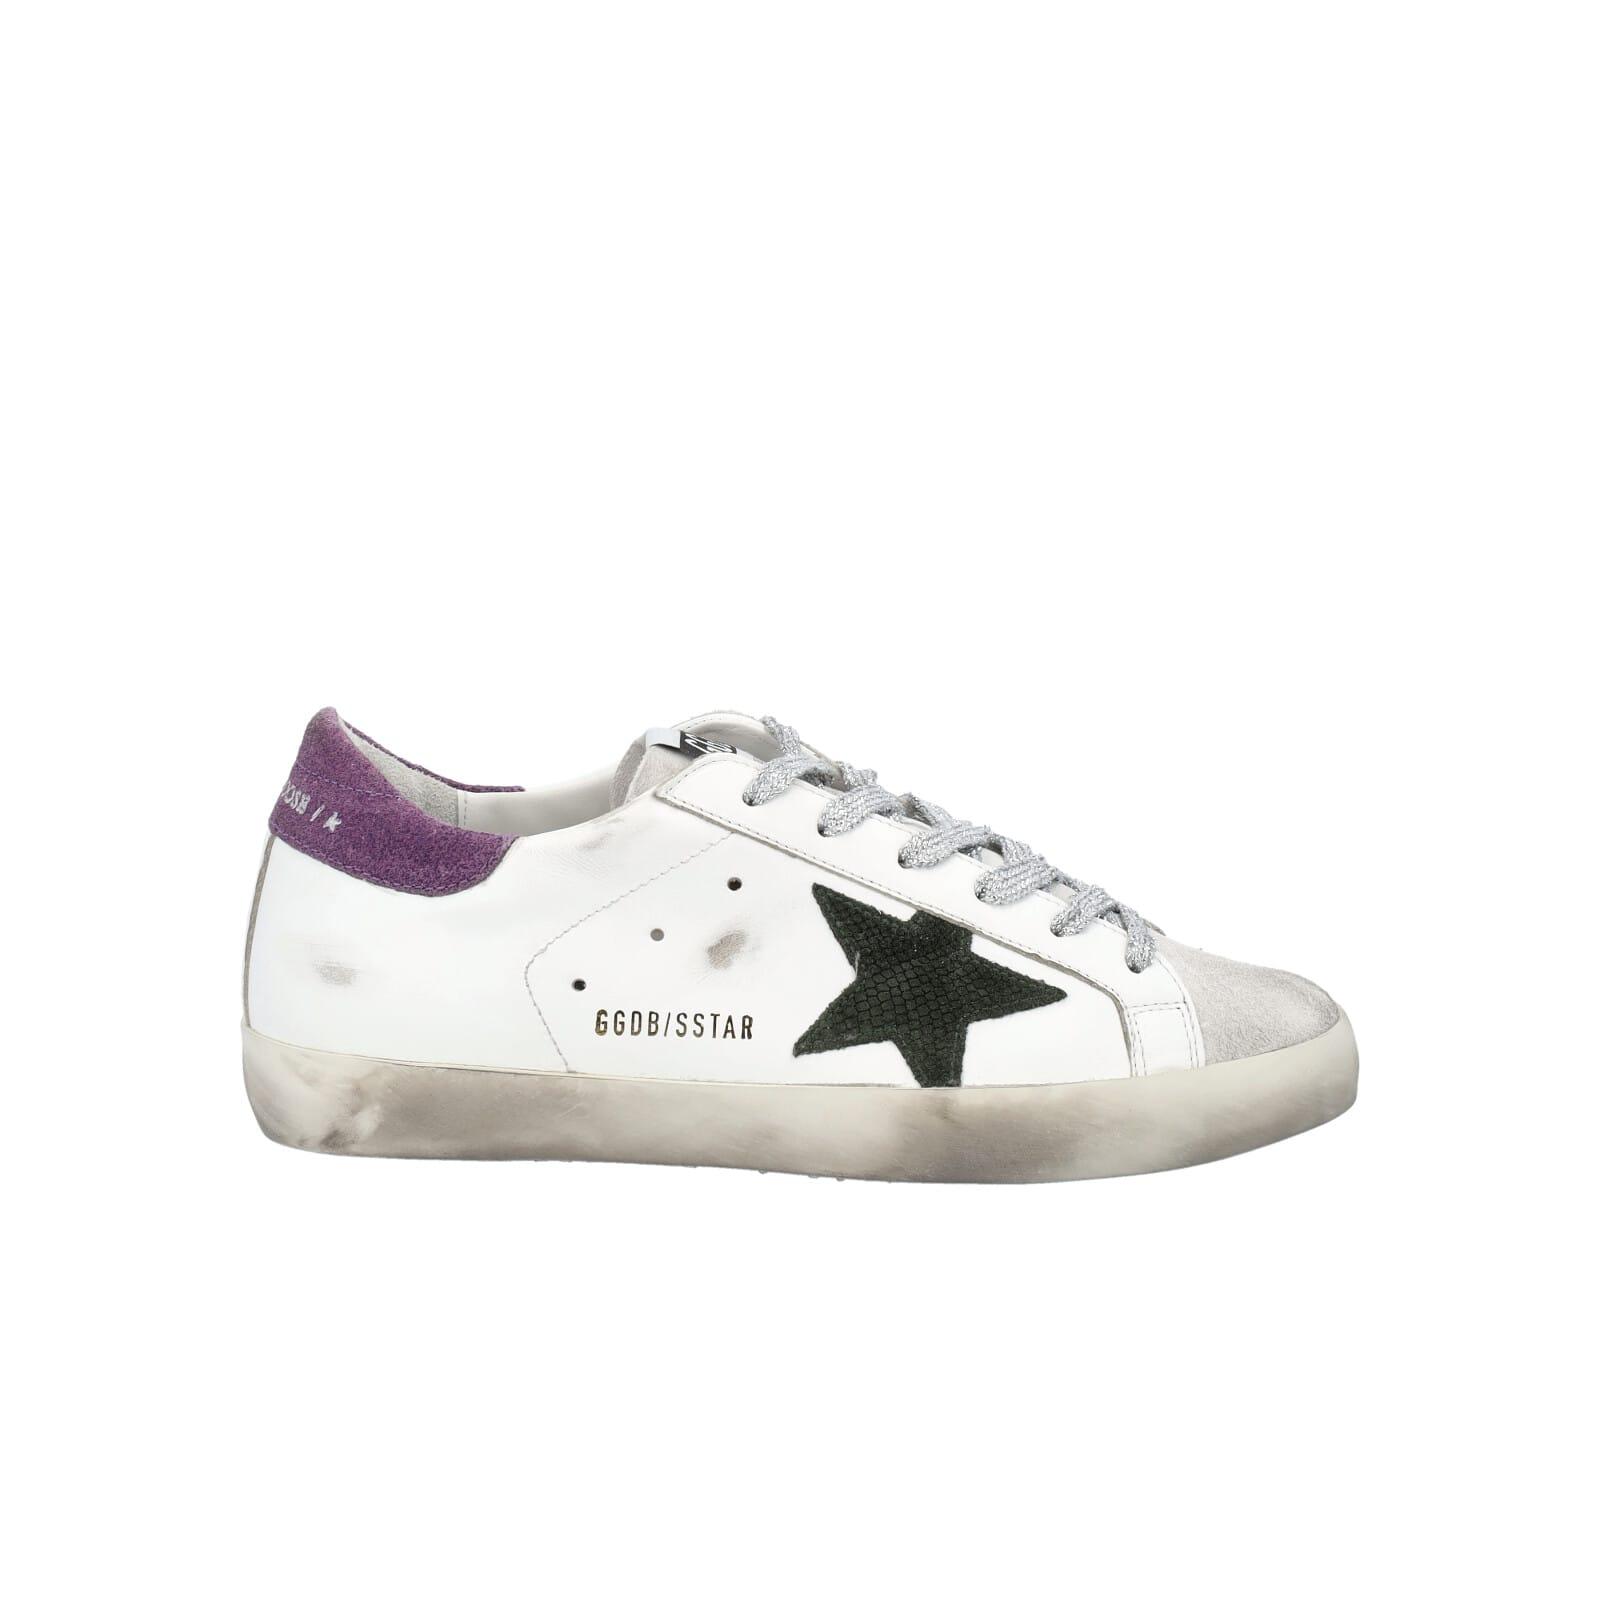 Golden Goose Superstar Sneakers With Purple Suede Heel Tab